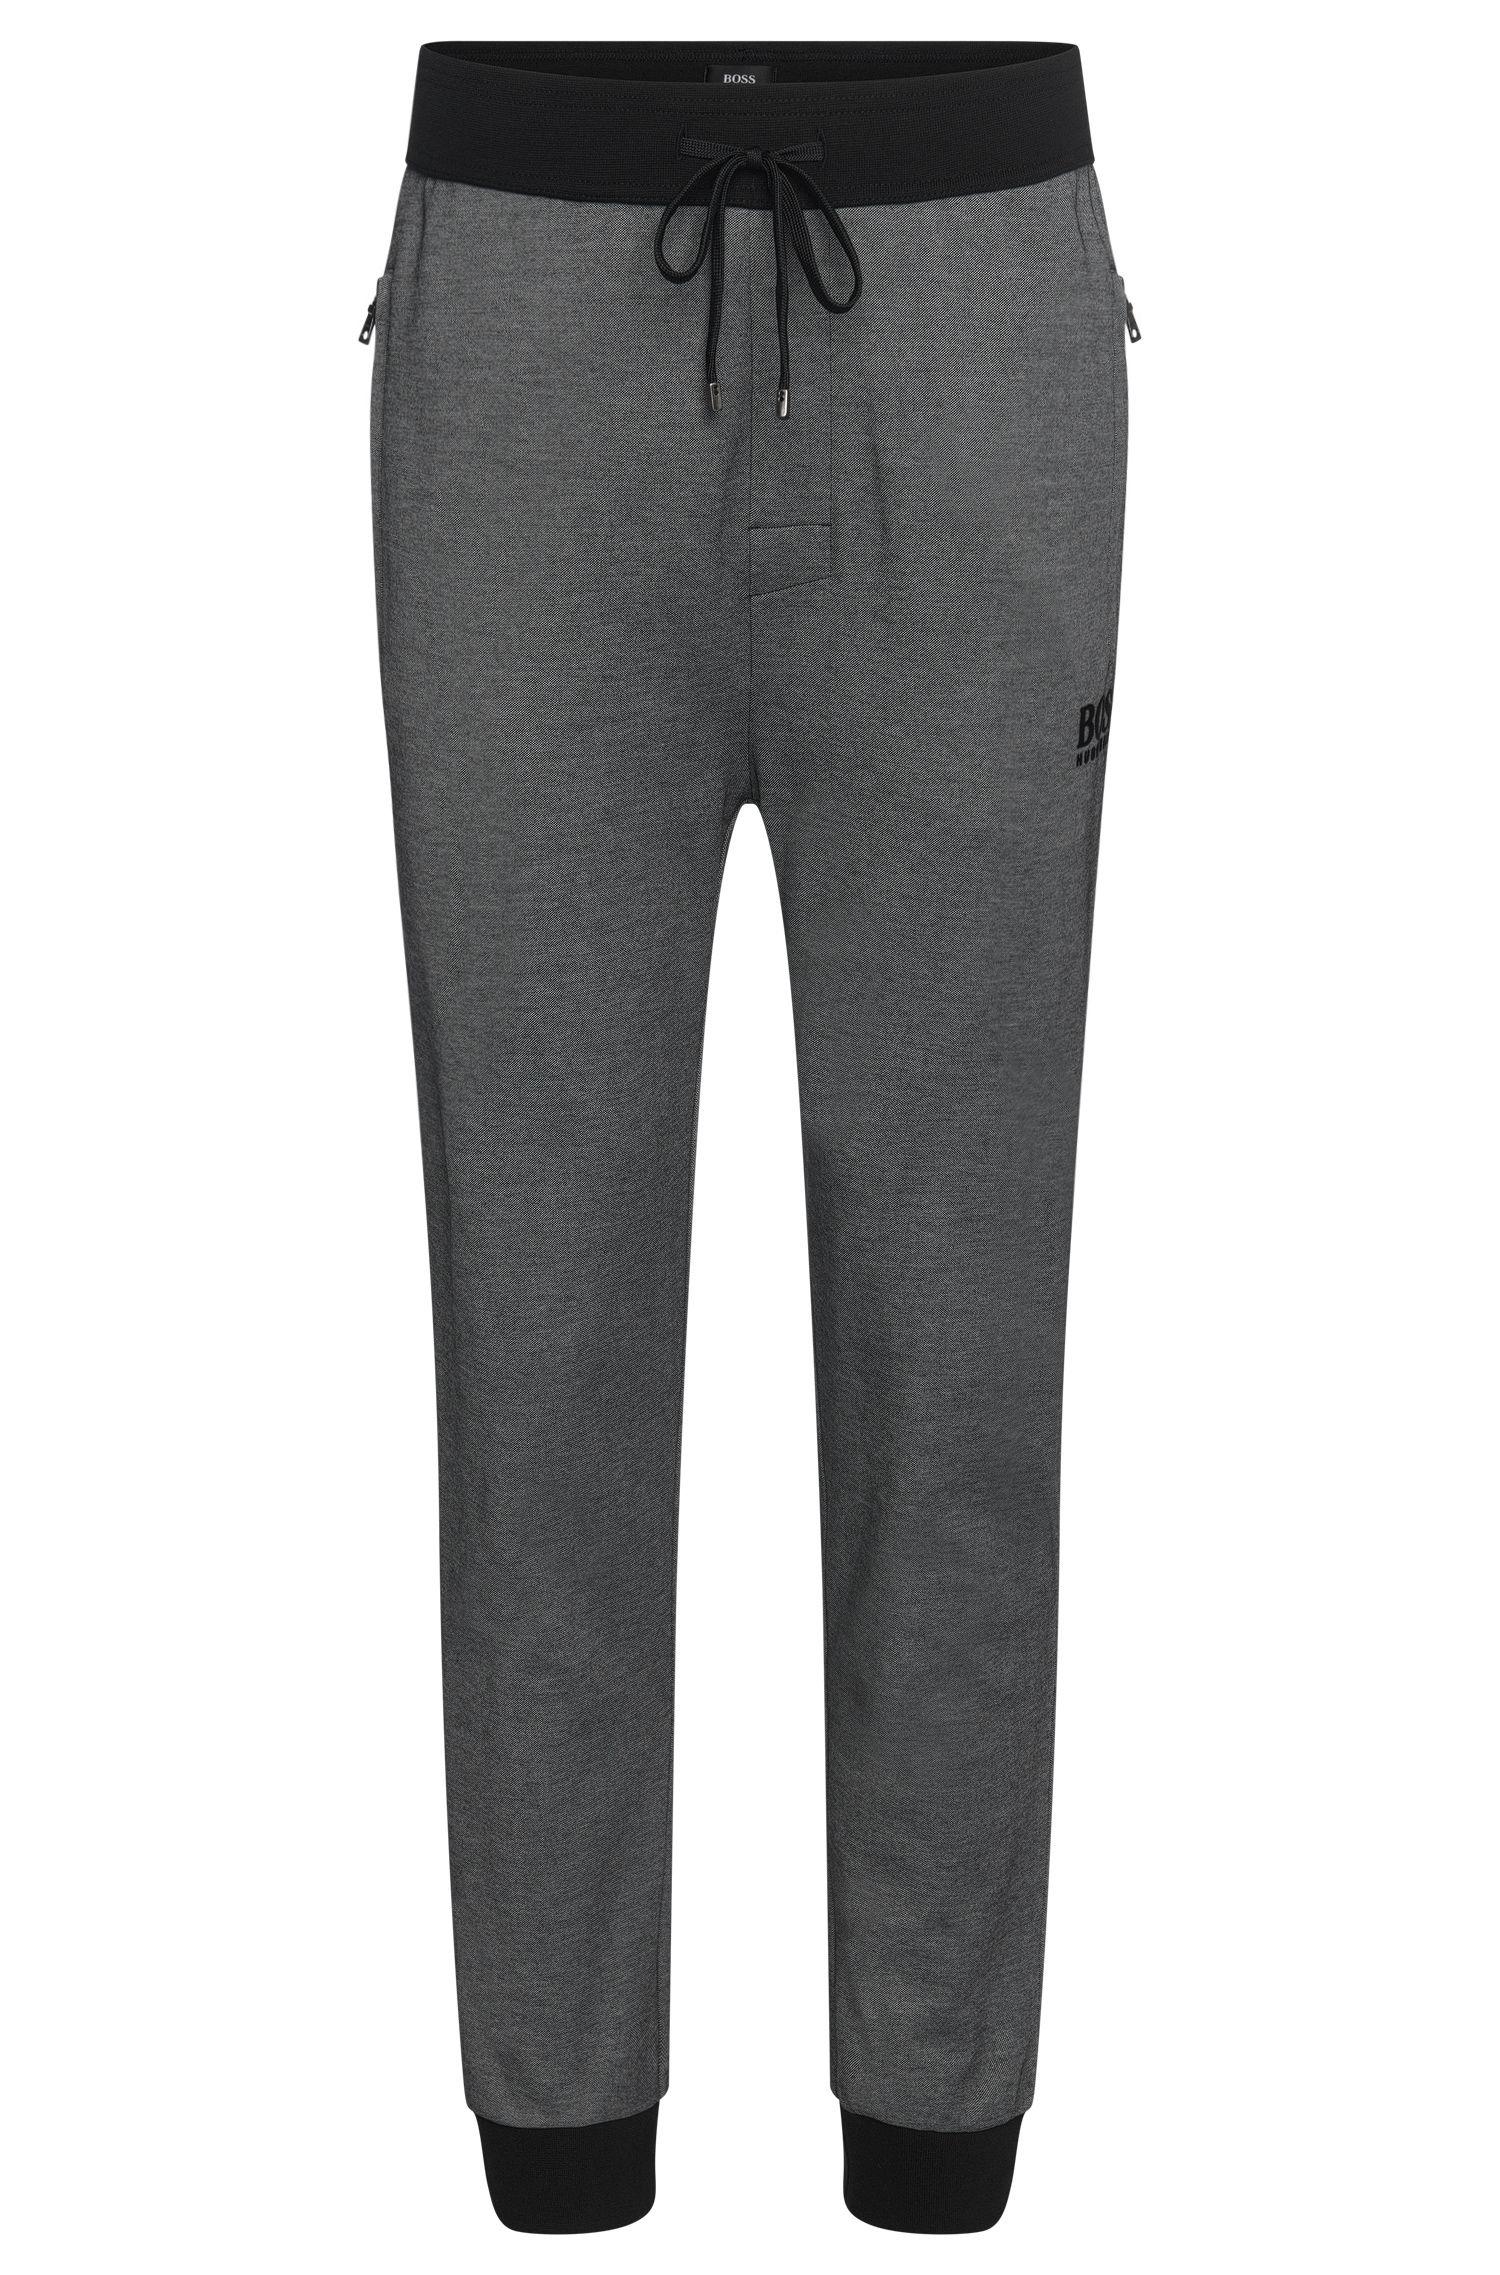 'Long Pant Cuffs' | Cotton Blend Drawstring Lounge Pants